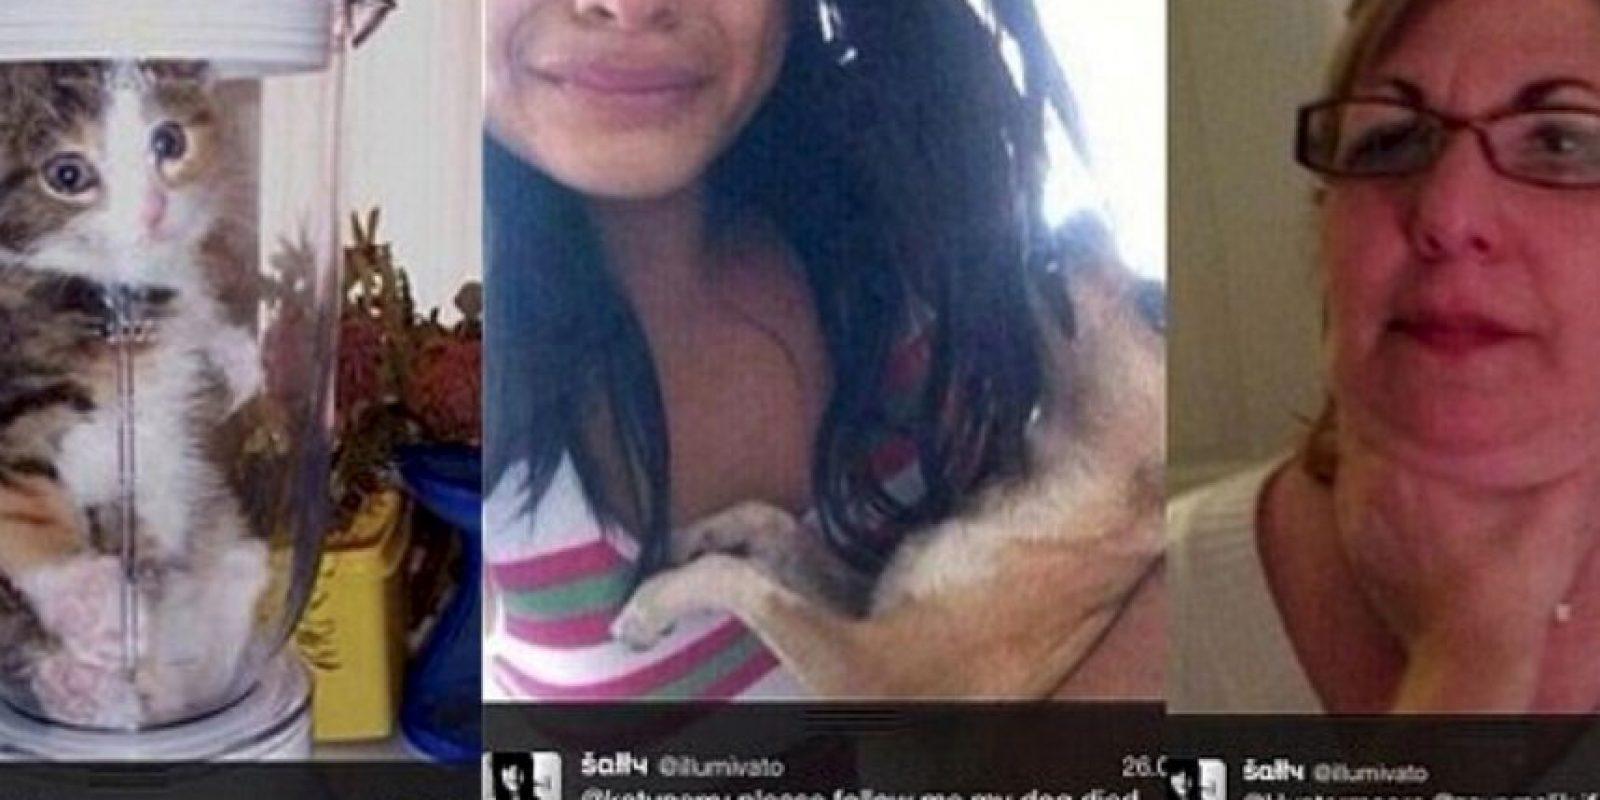 """La sádica fan de 'One Direction': El año pasado, una fan de la agrupación dijo que mató a su chihuahua porque la banda no le respondió sus peticiones de seguirla en Twitter. Solo decía """"Síganme o mato a mi perro"""". Luego le escribió a Lyam Payne """"Sígueme. Mi perro murió"""" y mostraba la foto de un perro muerto. Pero todo fue una farsa, ya que las fotos eran tomadas de Internet. Sin embargo, muchos quieren darle una lección: ya hay 3 mil firmas para que ella vaya a prisión. Foto:vía Twitter"""